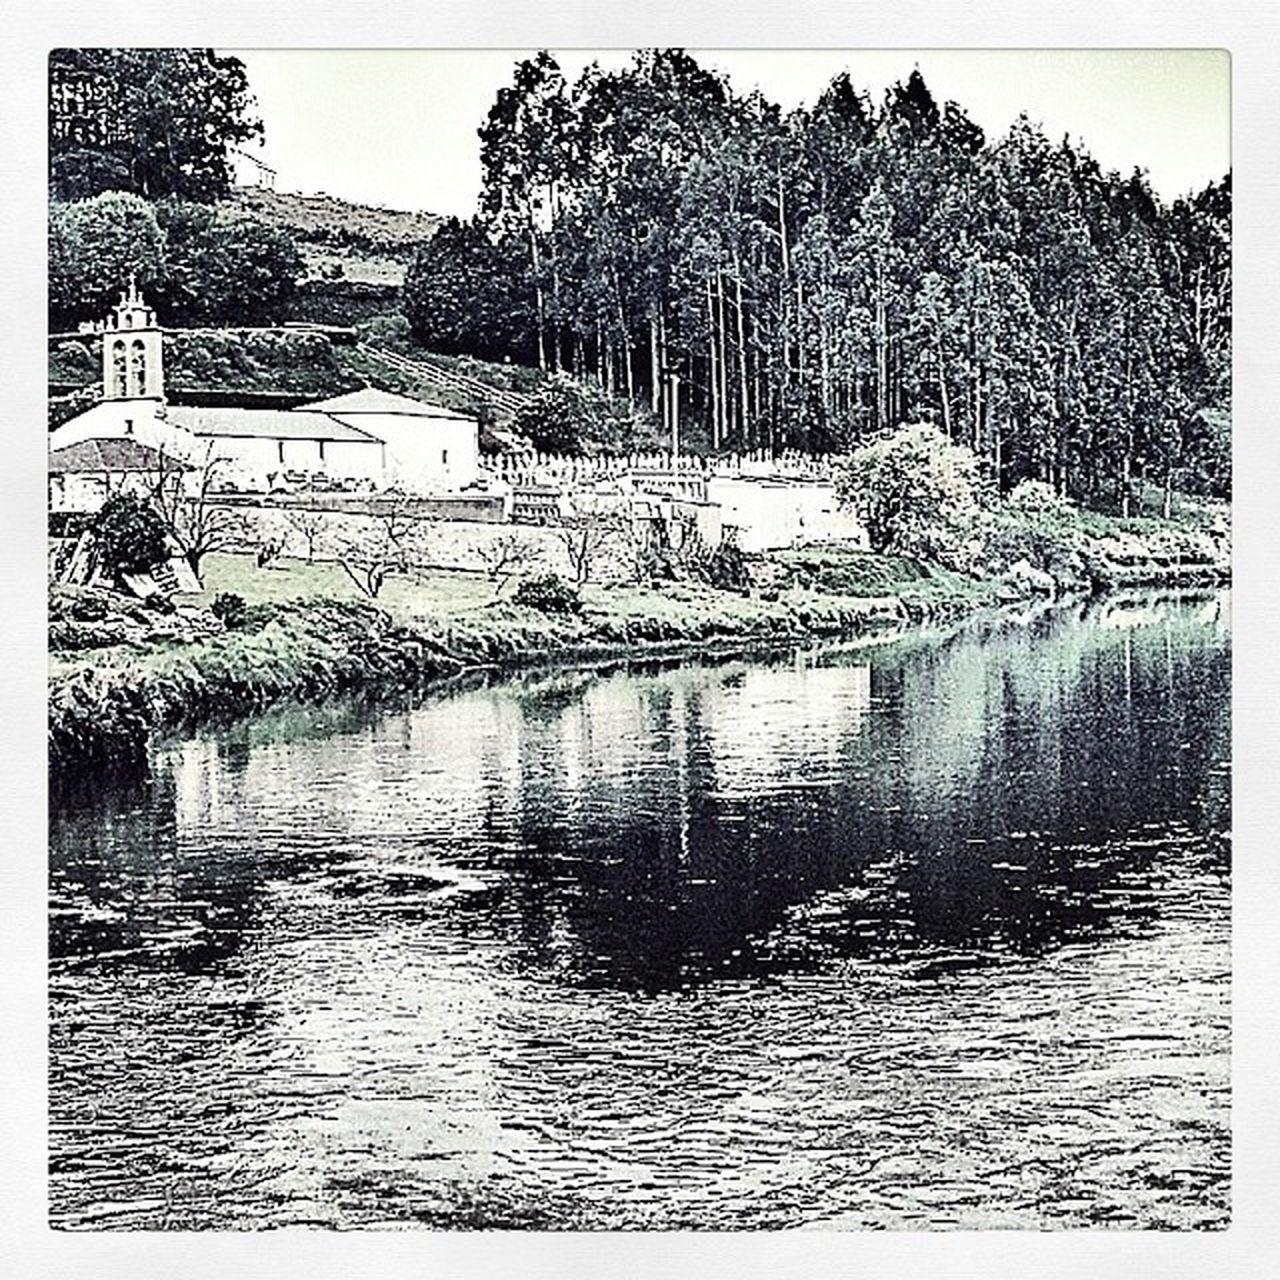 SPAIN Galicia Costalugo Instagalicia galicia_ig ig_galicia lugo foz fazouro